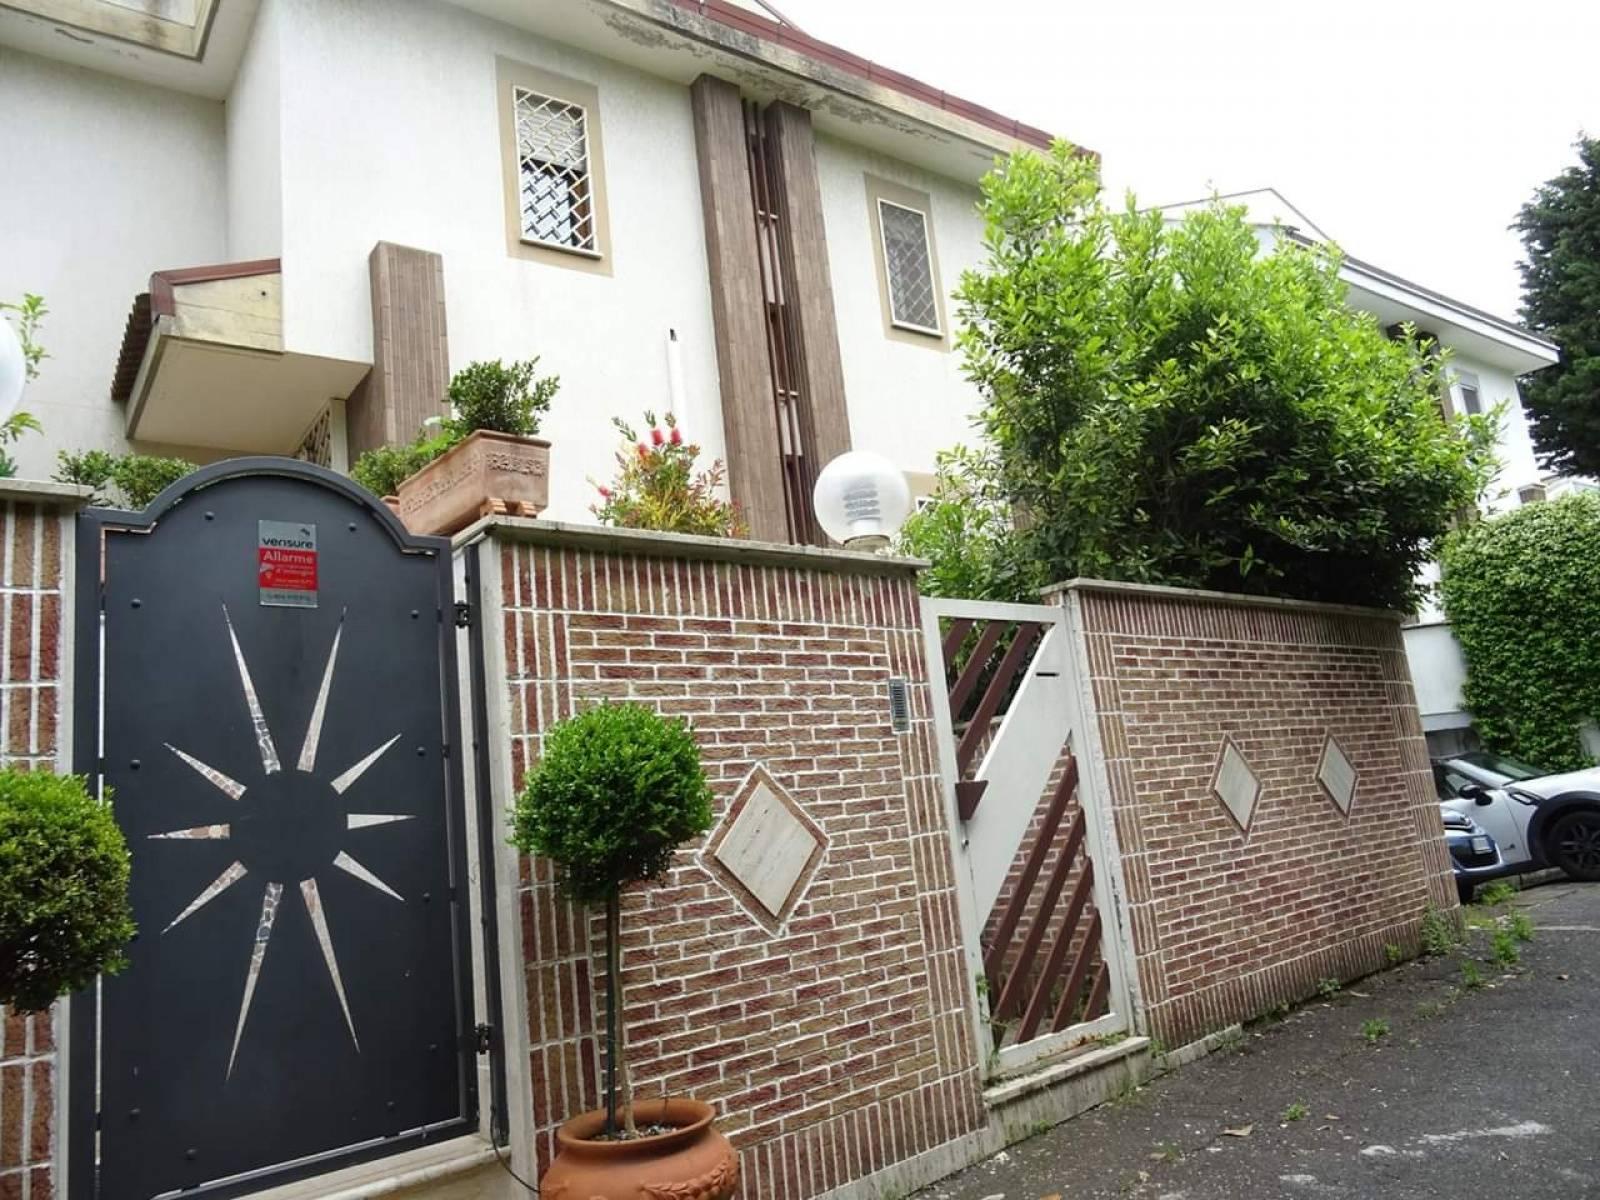 1118418817 Plurilocale (6) in Via Mar Della Cina, Roma, Zona Torrino